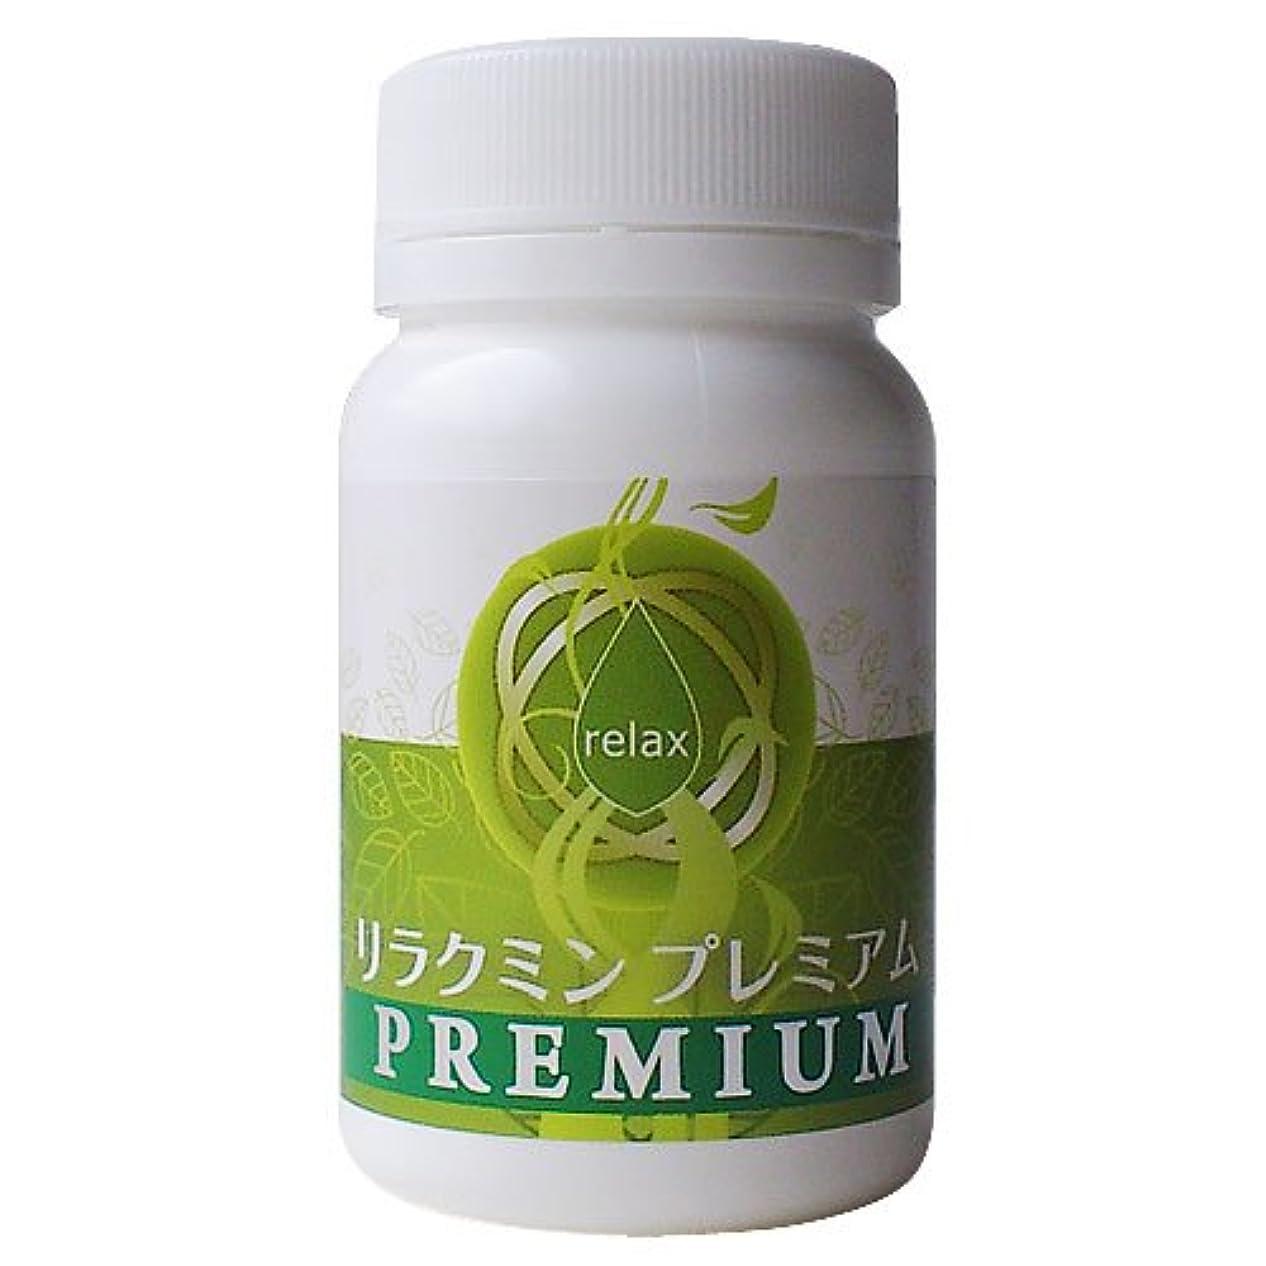 実行ベックス検出器セロトニン サプリ (日本製) ギャバ DHA EPA ラフマ葉 イチョウ葉 エゾウコギ [リラクミンプレミアム 1本] 150粒入 (約1か月分) リラクミン サプリメント